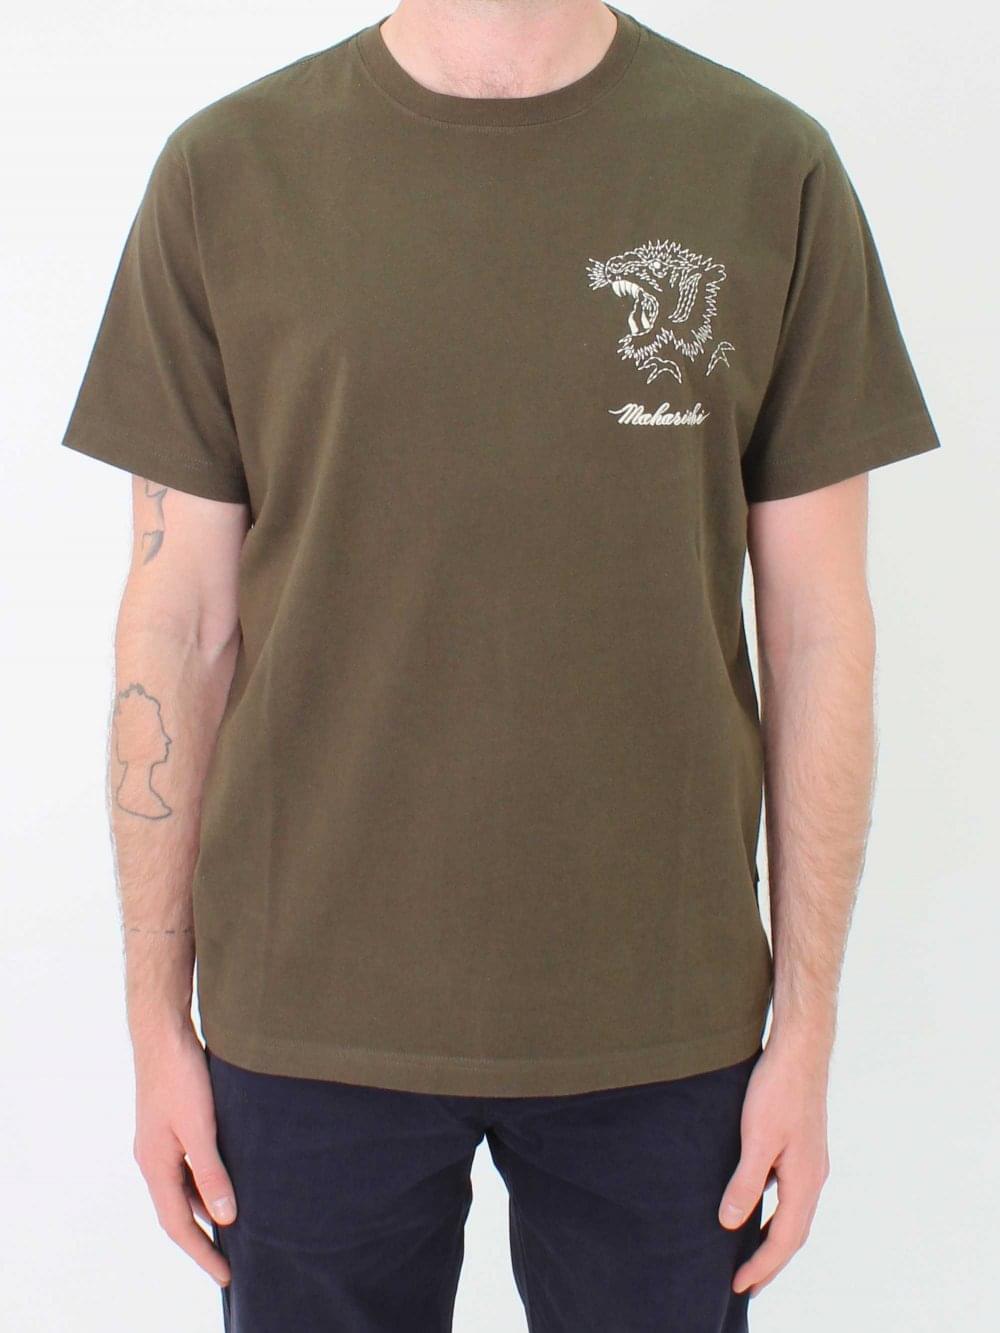 Tiger Stencil OliveNorthern Maharishi Threads Shirt T In 8PNn0wXOkZ